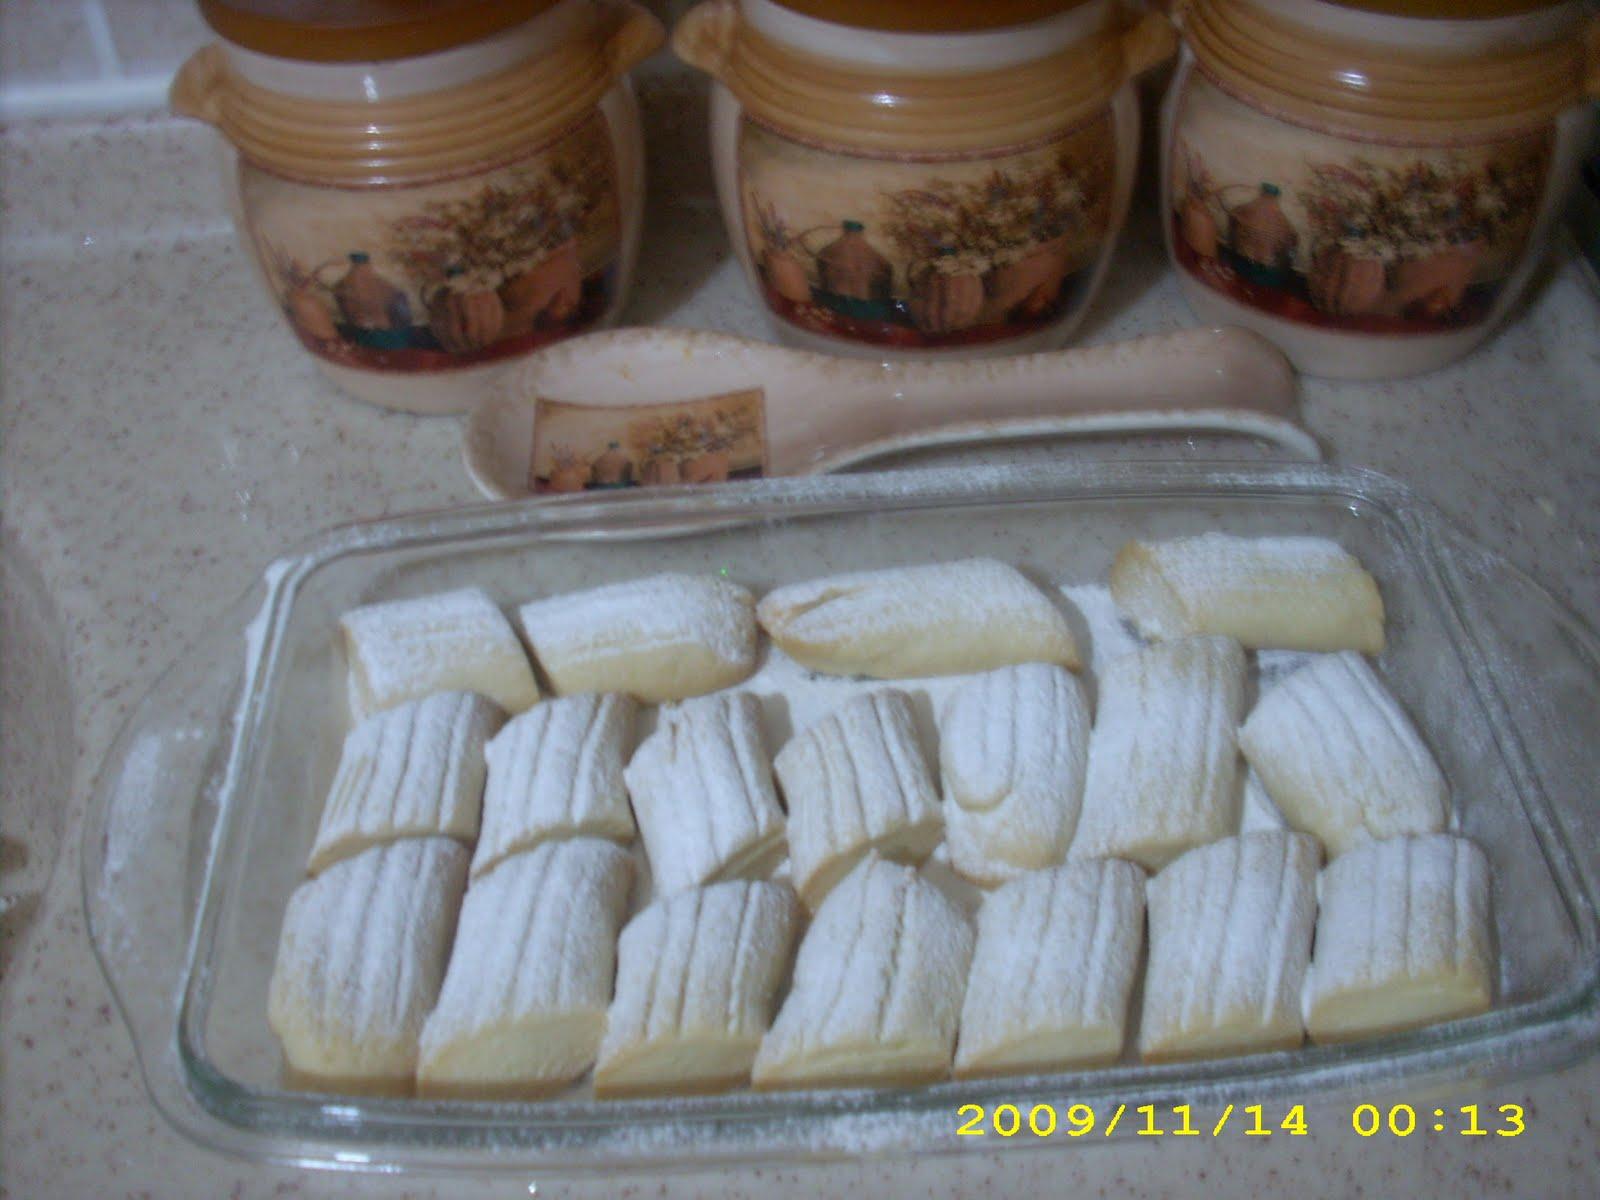 [un+kurabiyesi.JPG]